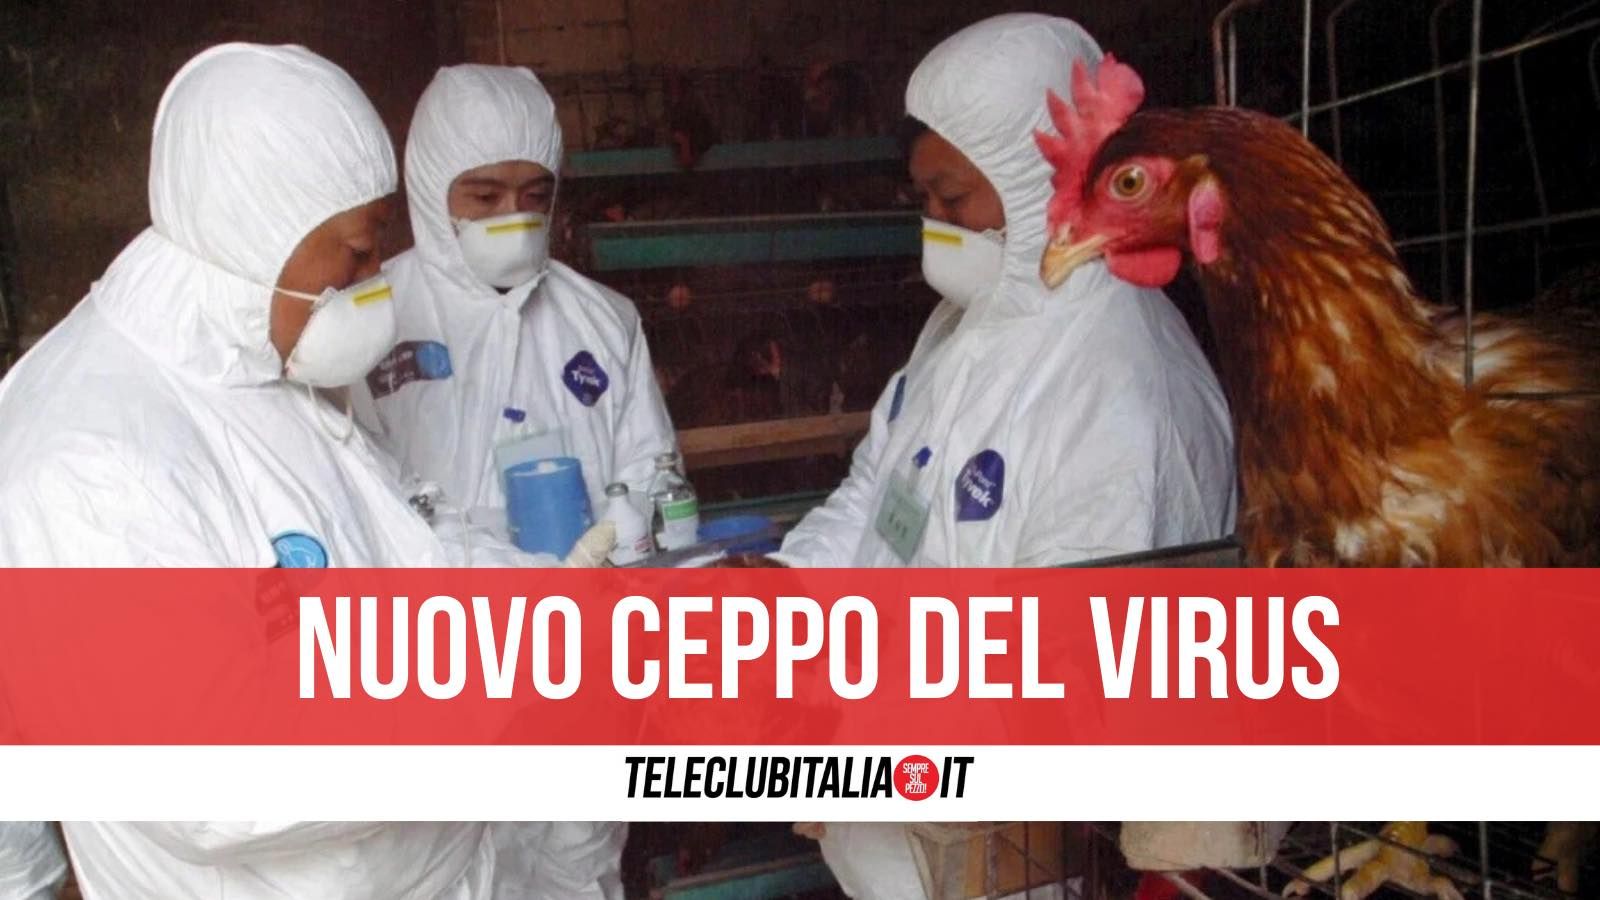 virus influenza aviaria cina